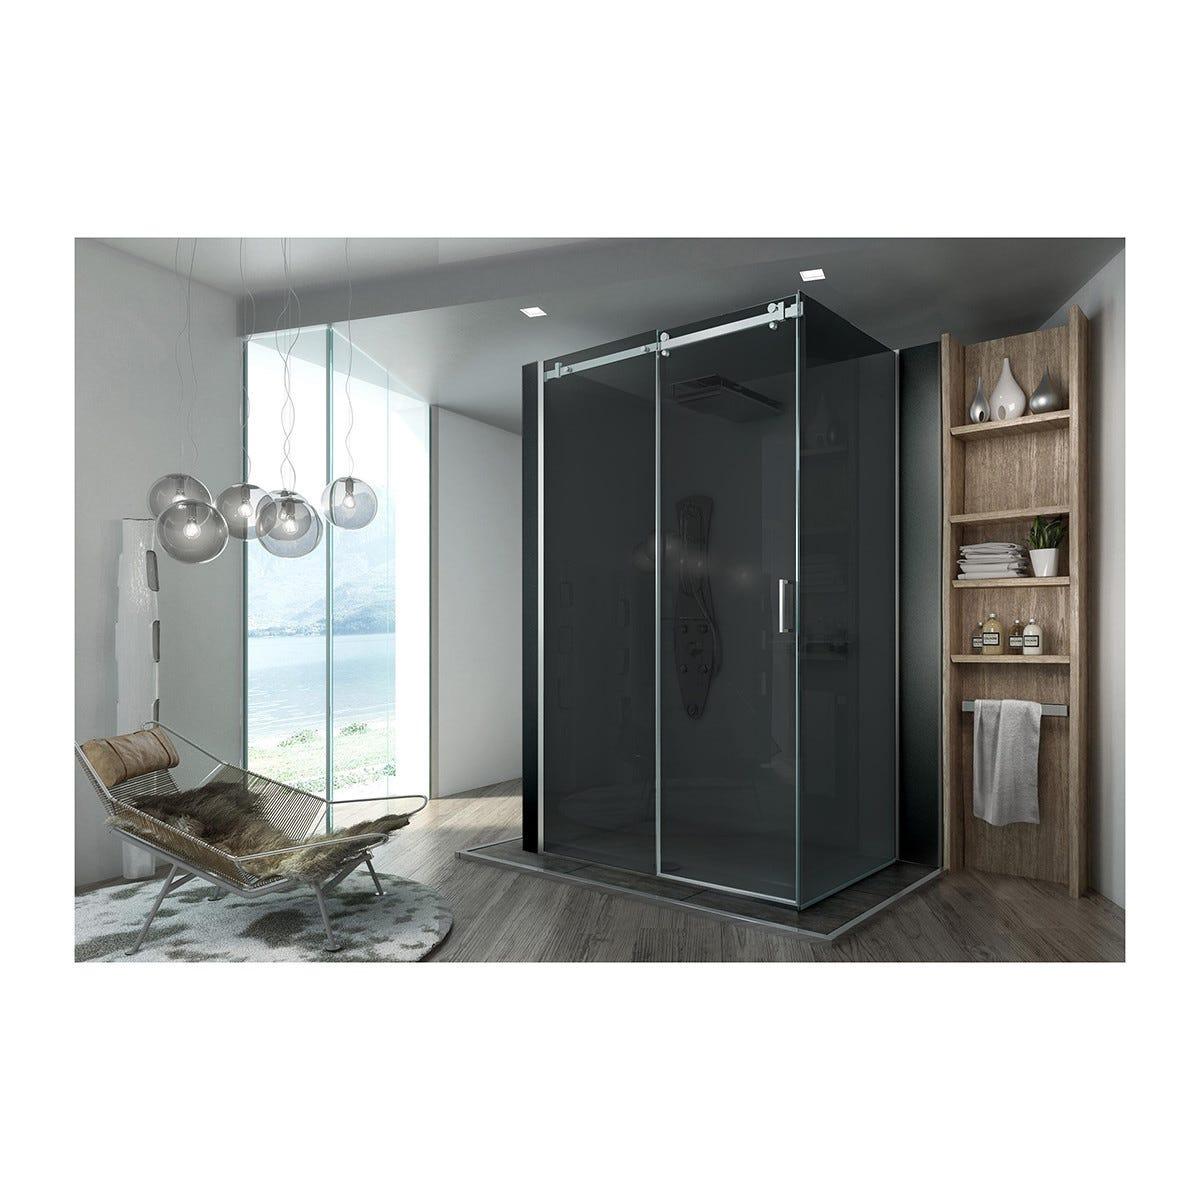 porta doccia roller scorrevole 117-119,5 h200cm vetro temperato  8mm fume'  profili cromati